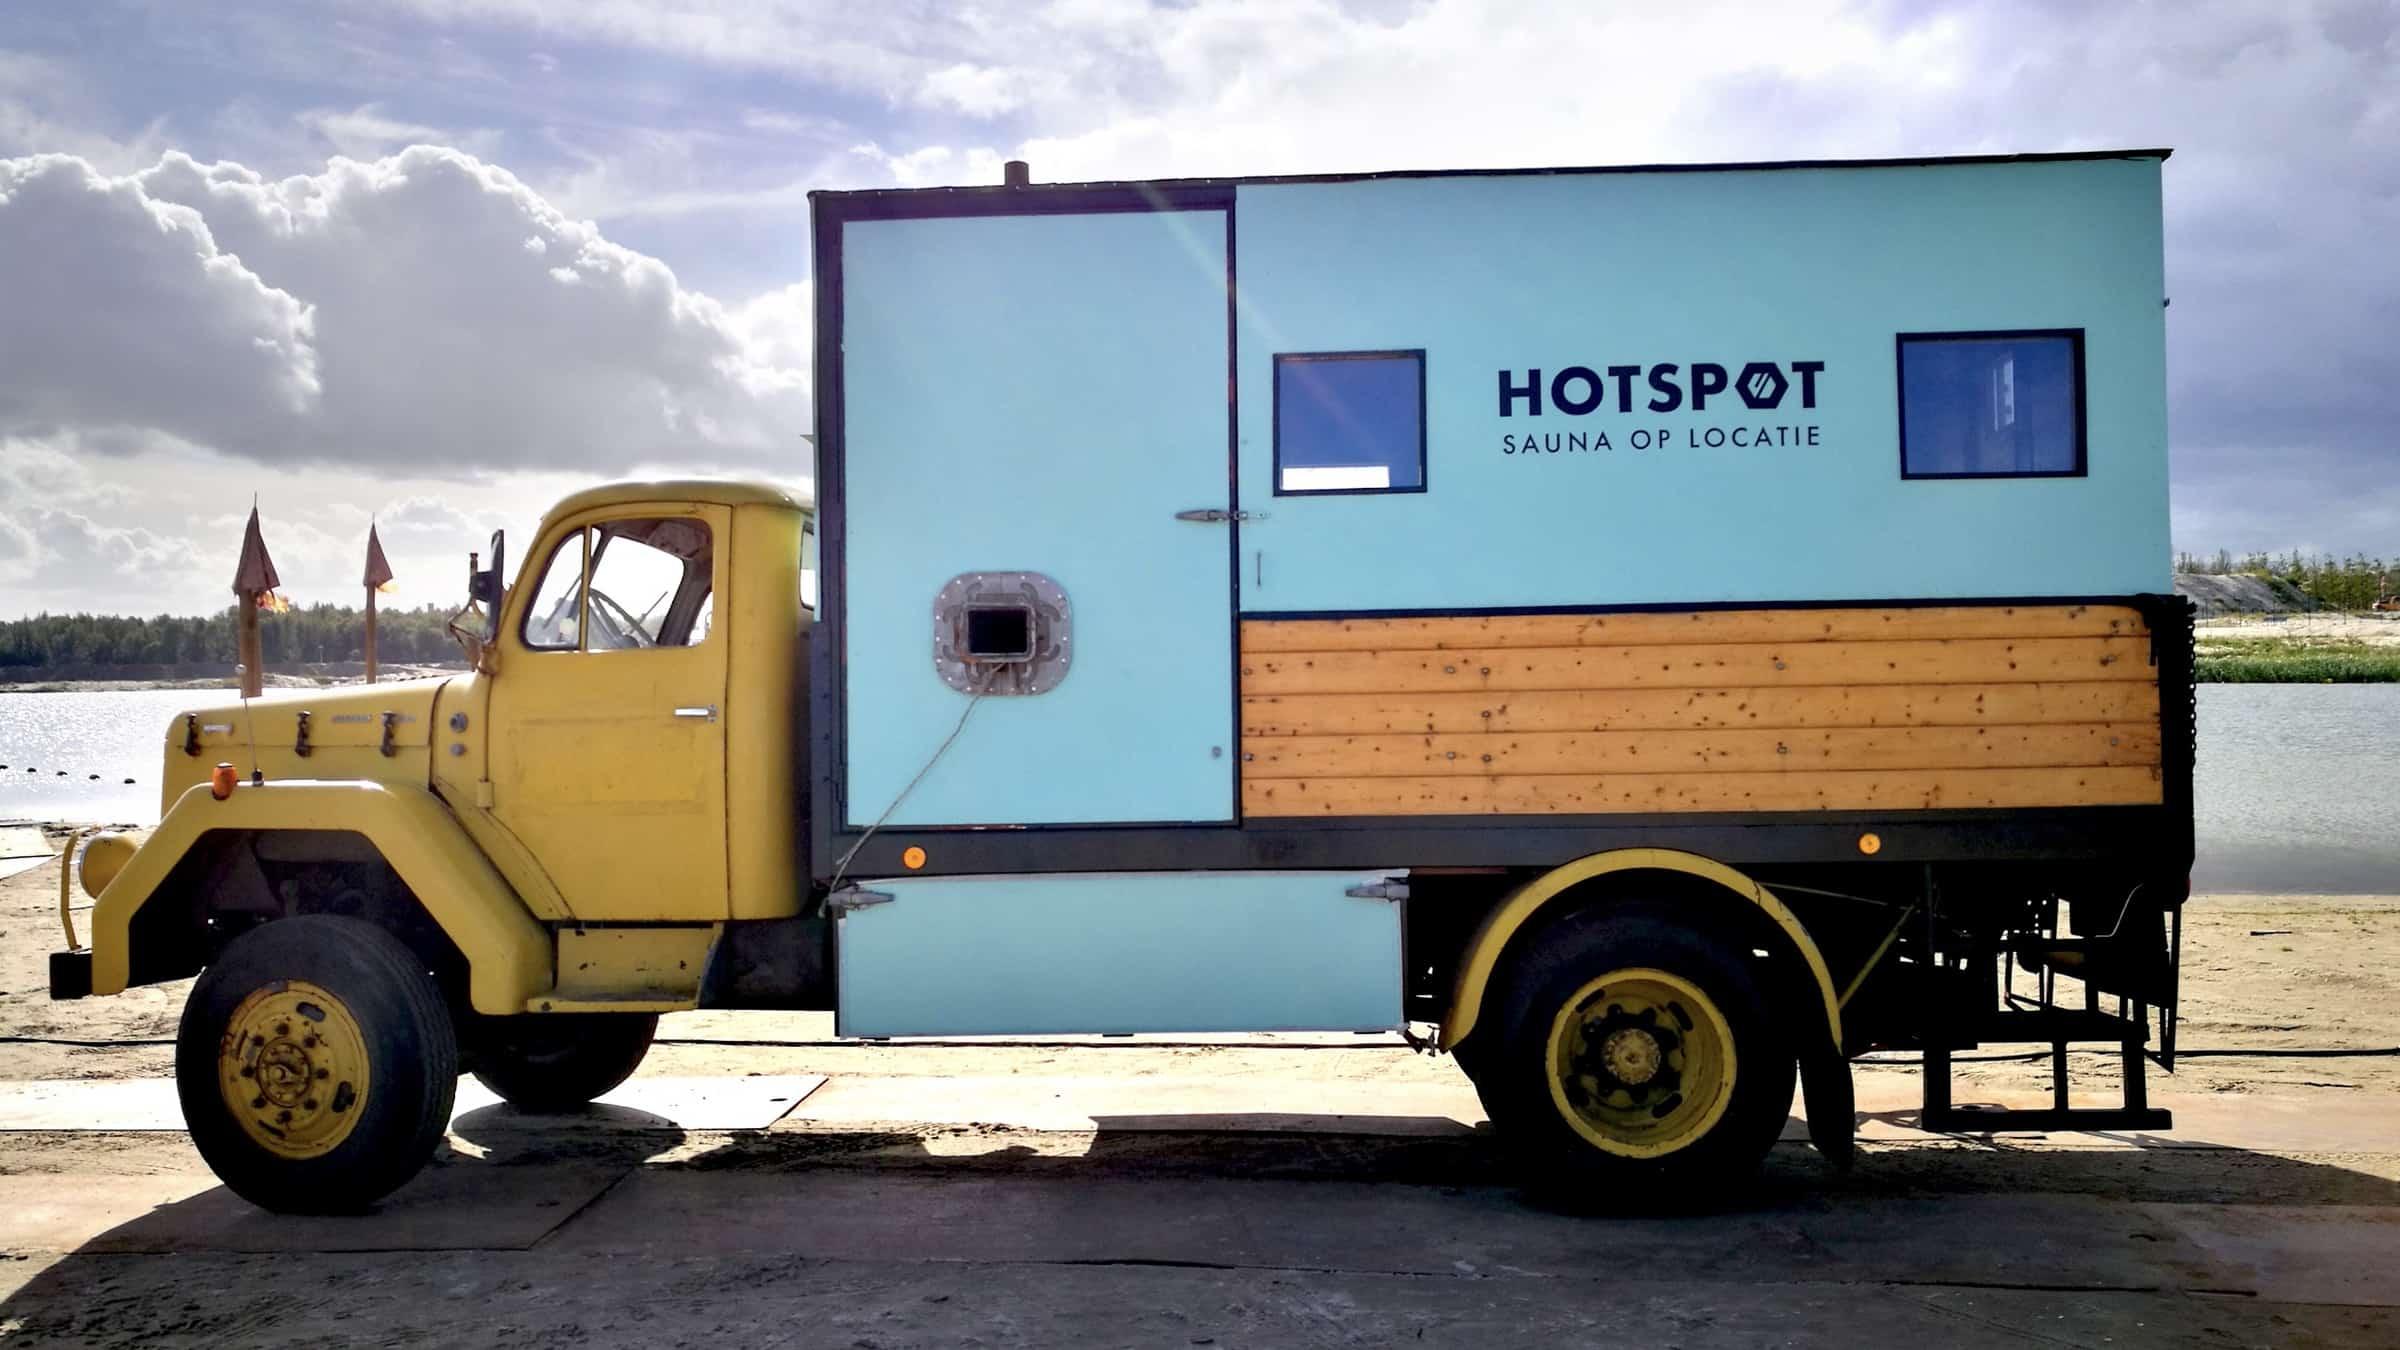 Hotspot - mobiele sauna - truck